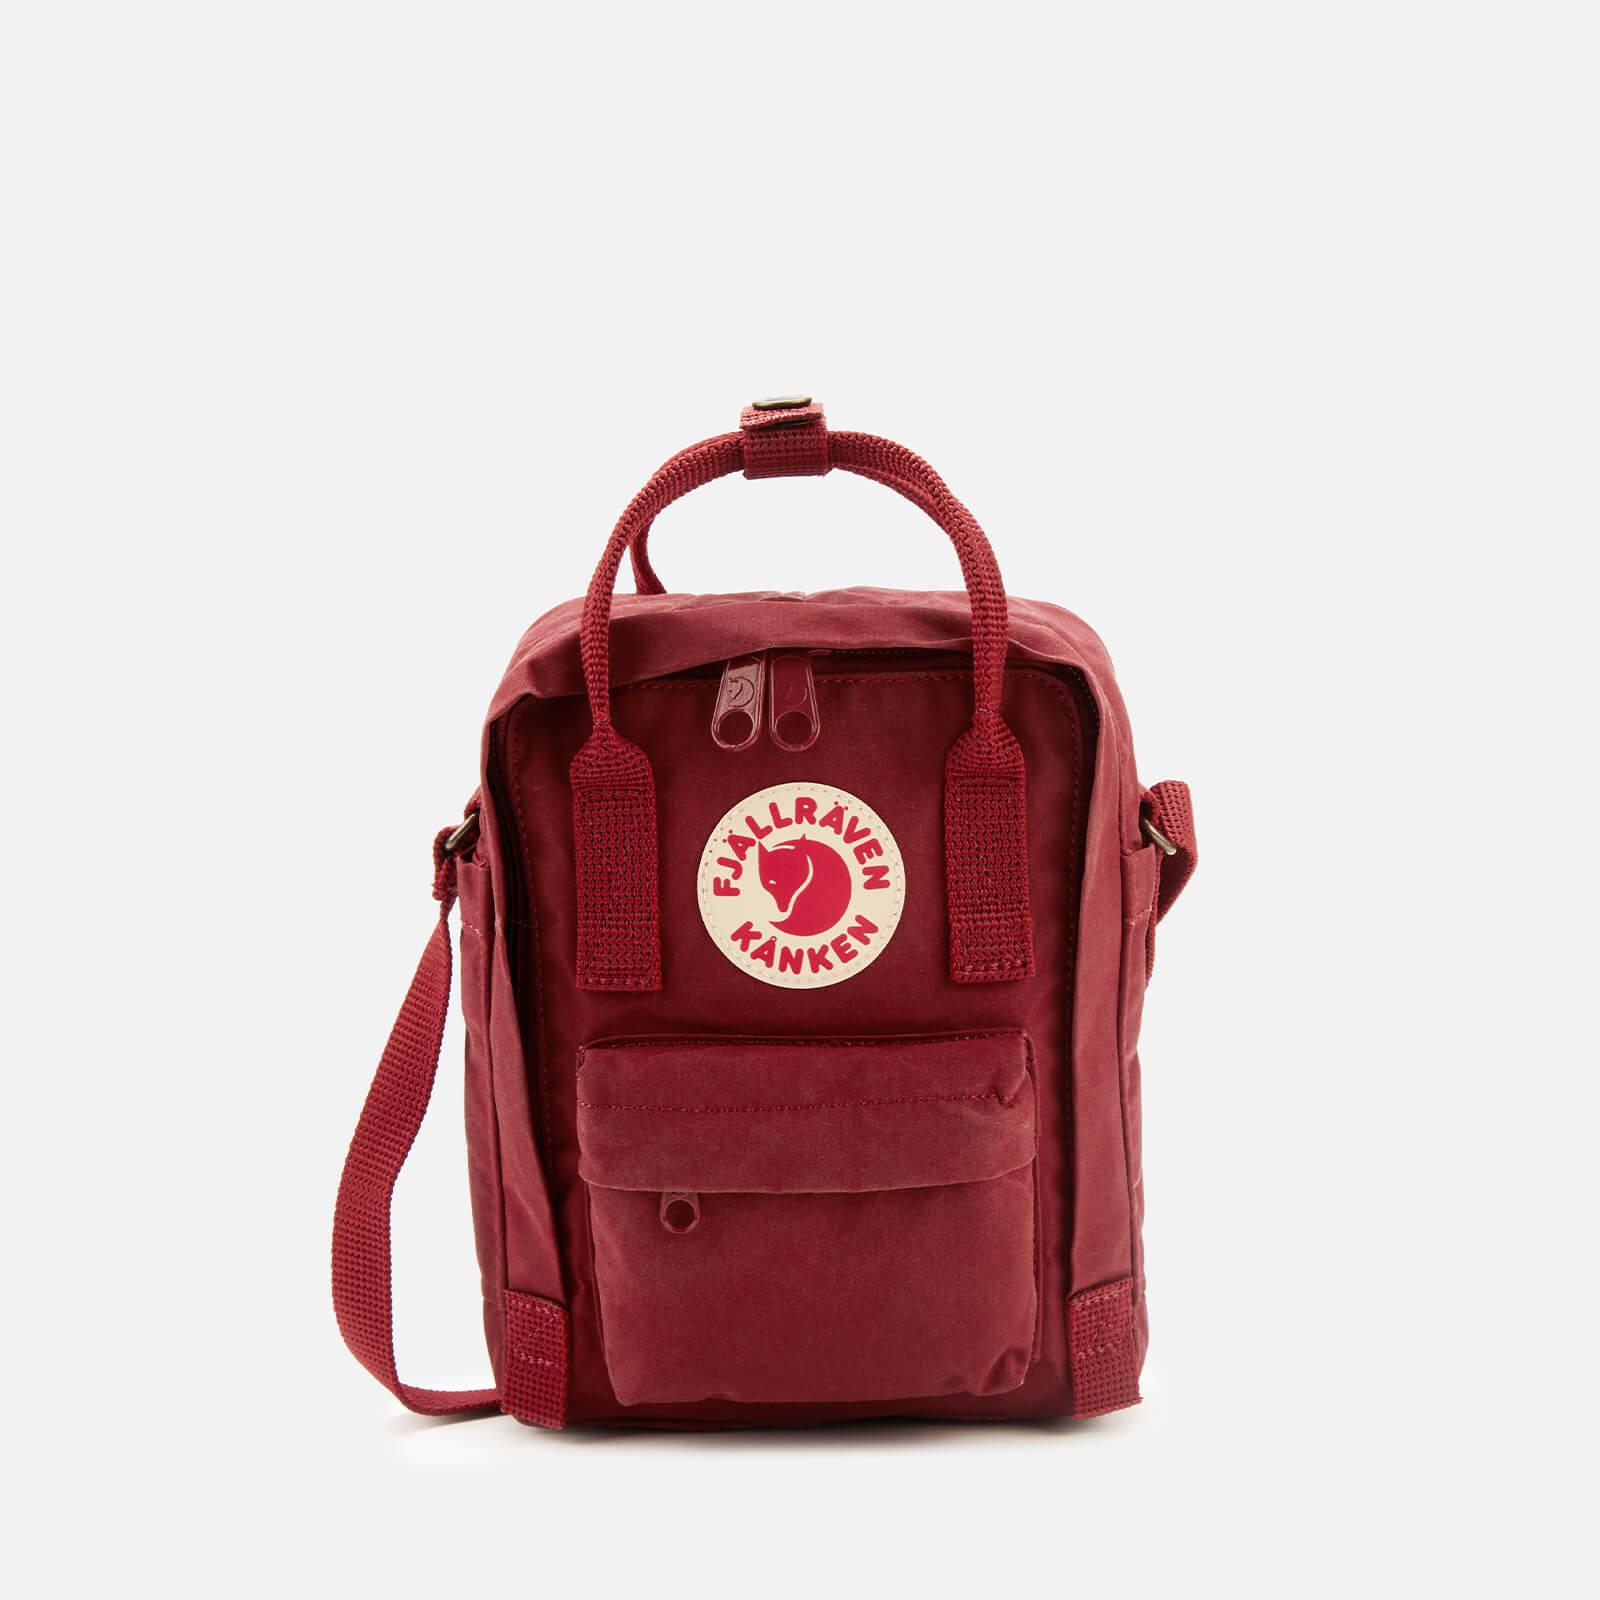 Fjallraven Kanken Sling Bag - Ox Red